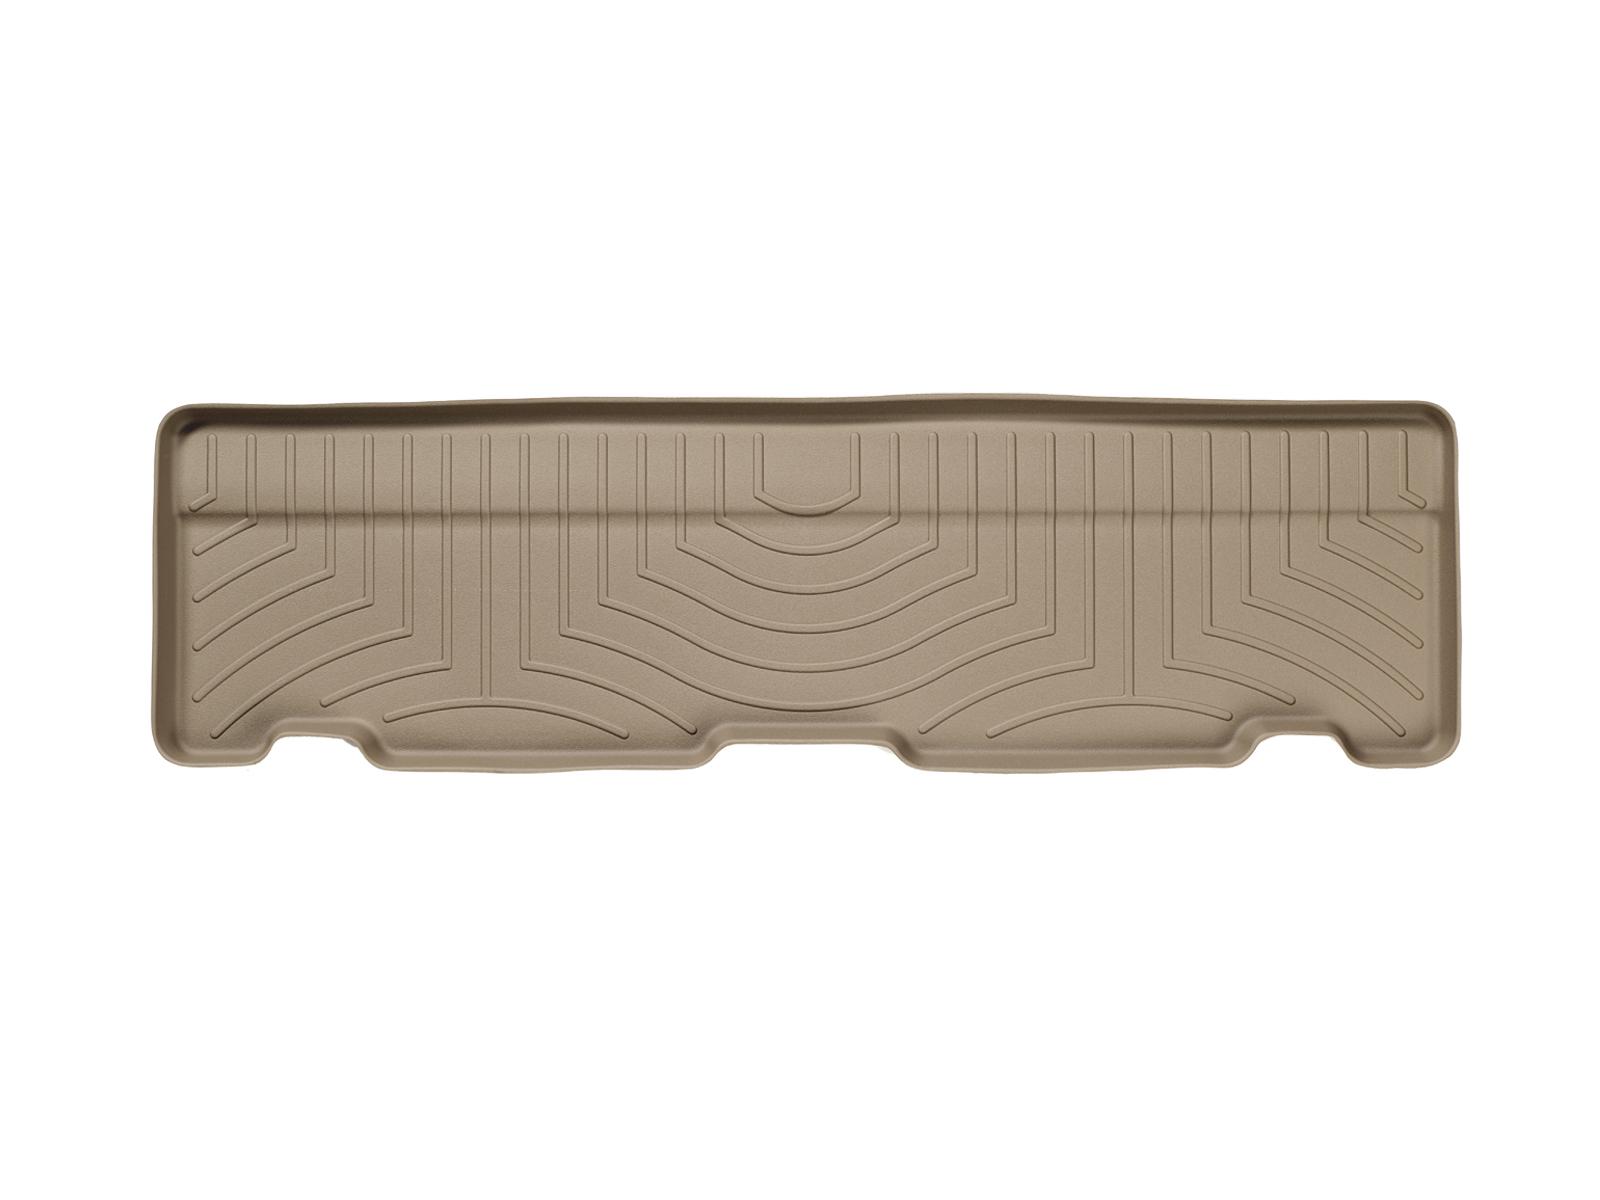 Tappeti gomma su misura bordo alto Cadillac Escalade 02>06 Marrone A11*